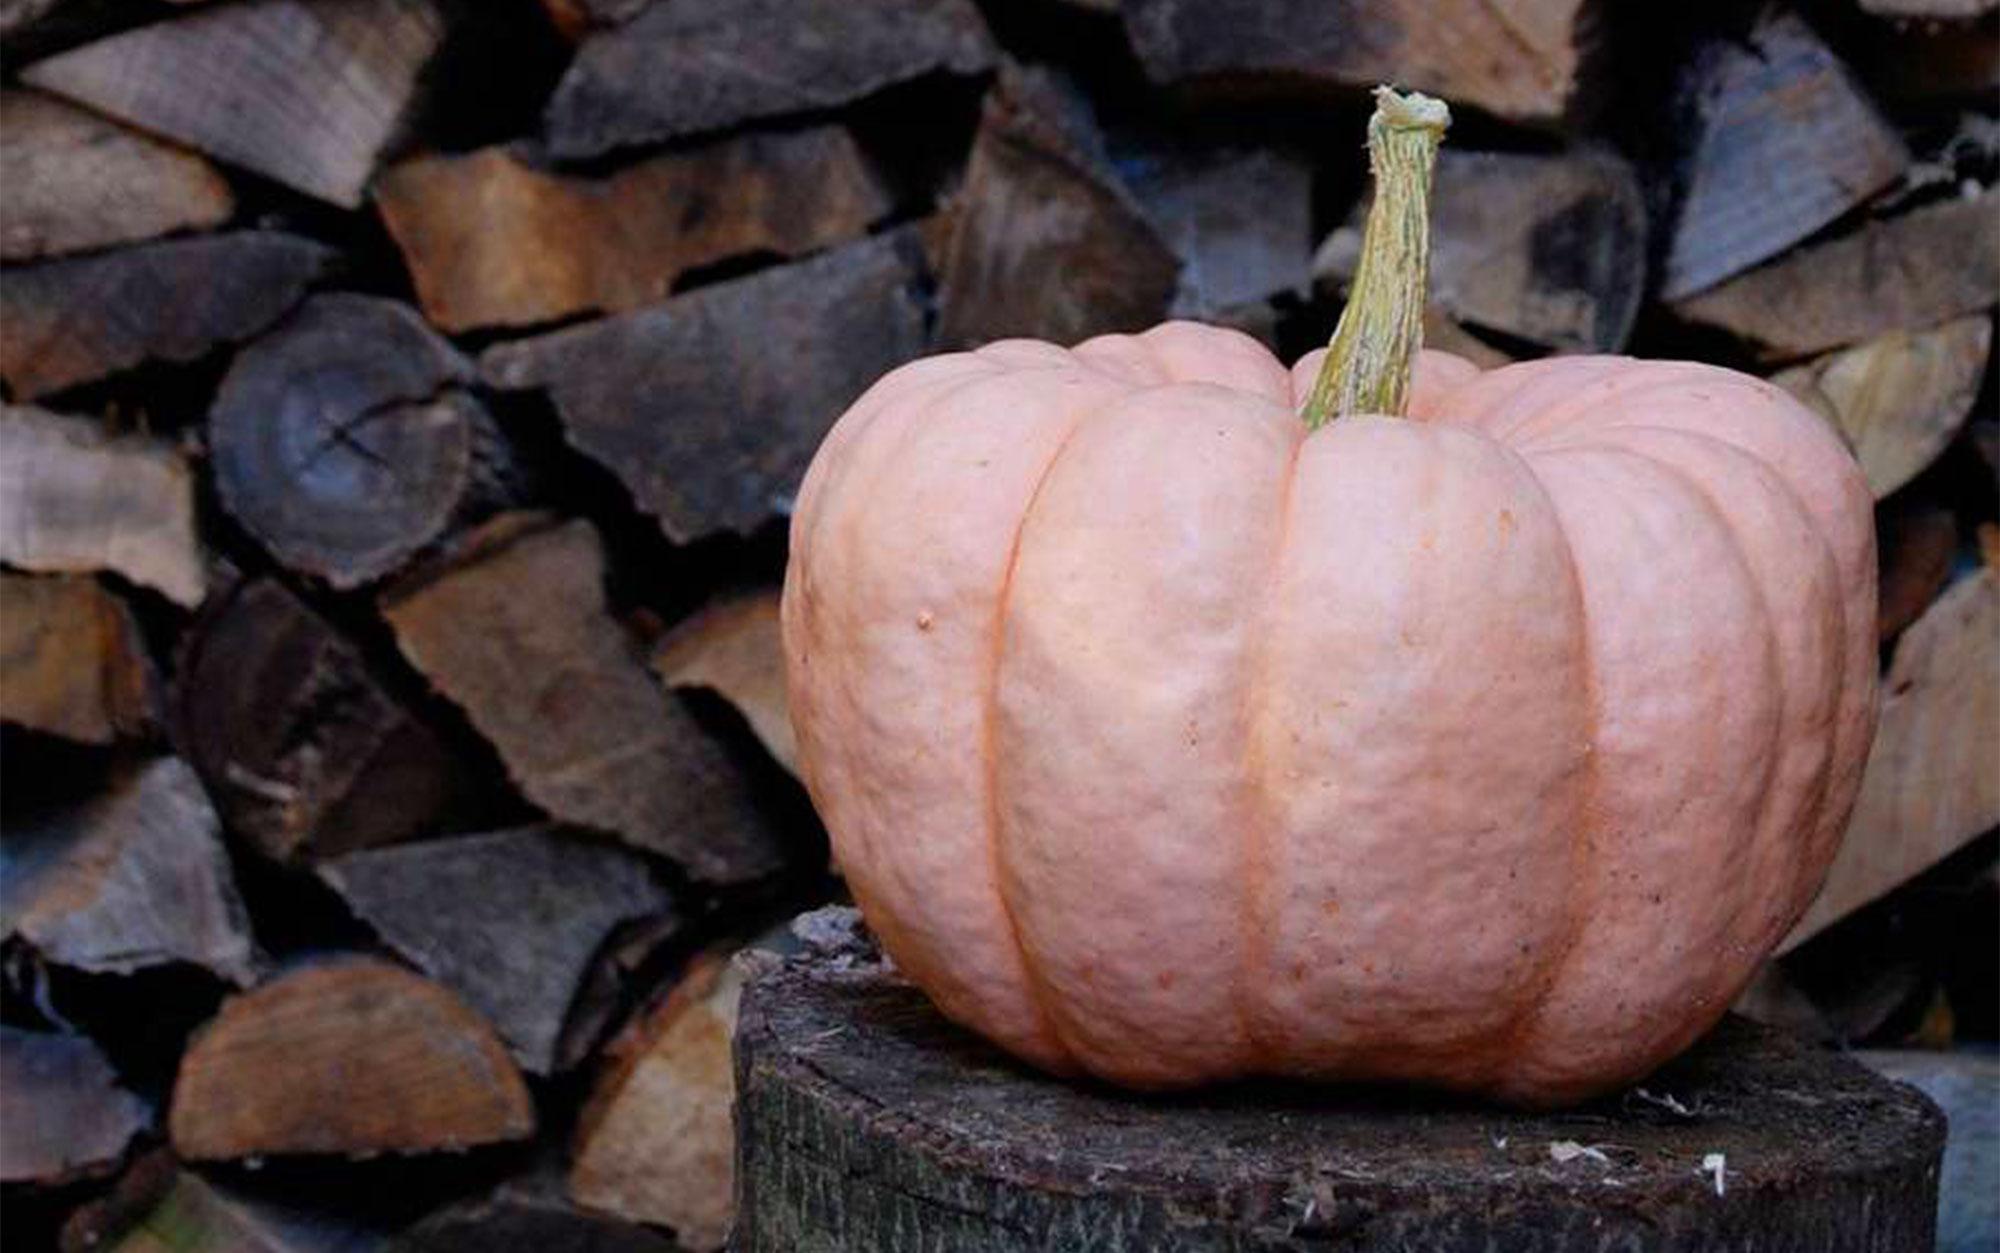 A pink Porcelain Doll pumpkin